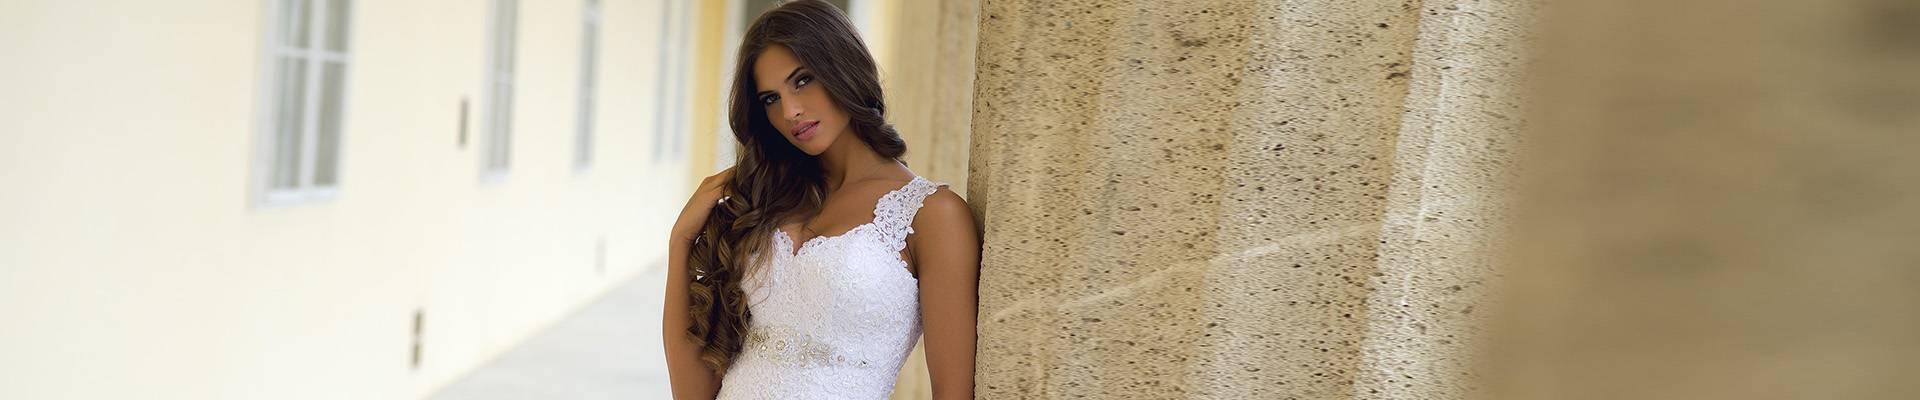 b353b17b69 Menyasszonyi ruha vásárlás, kölcsönzés - Boglárka Esküvői- és ...